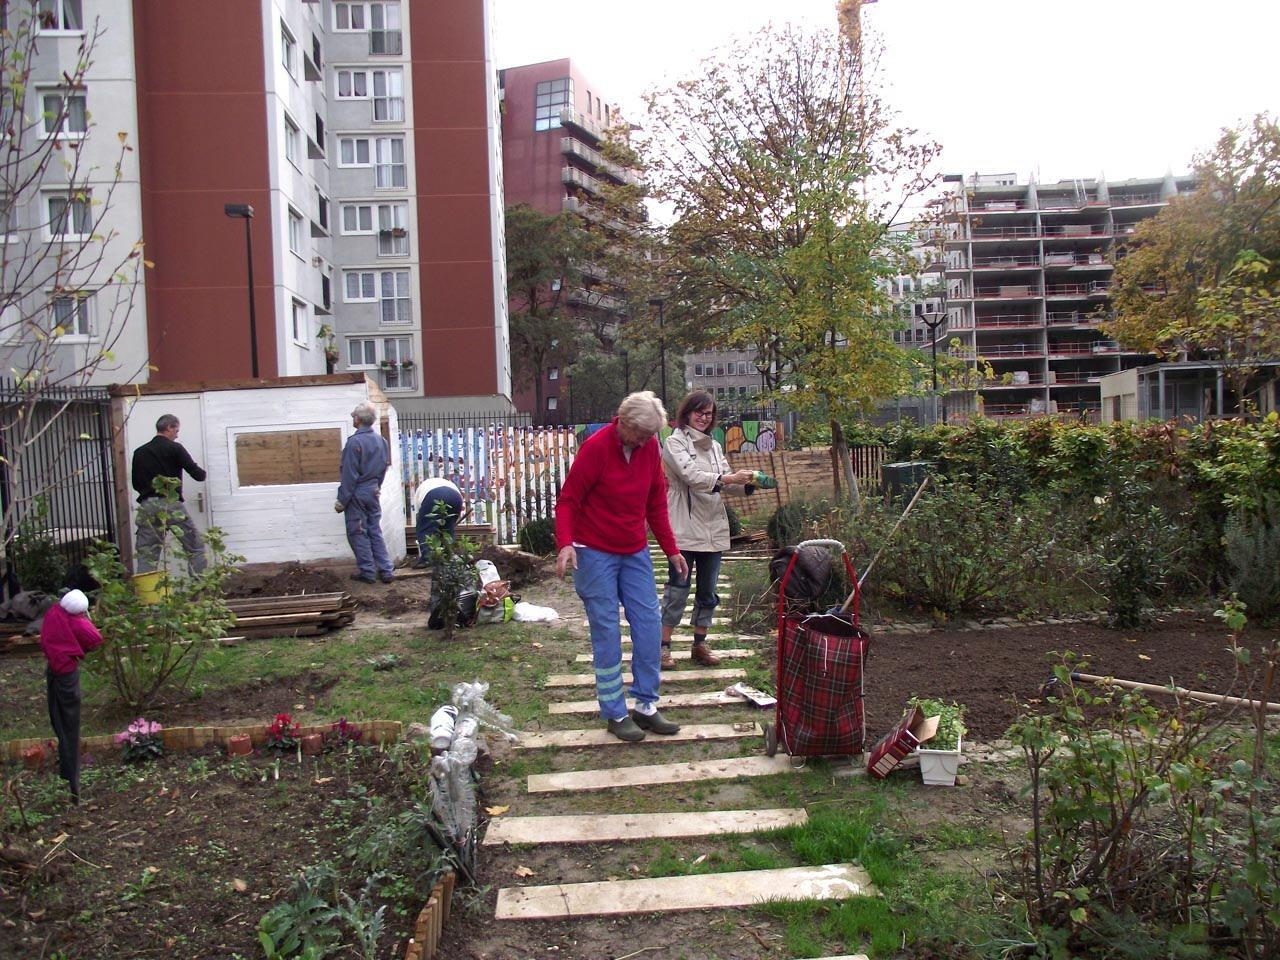 ogród tymczasowy Źródło www.rqparis19.org